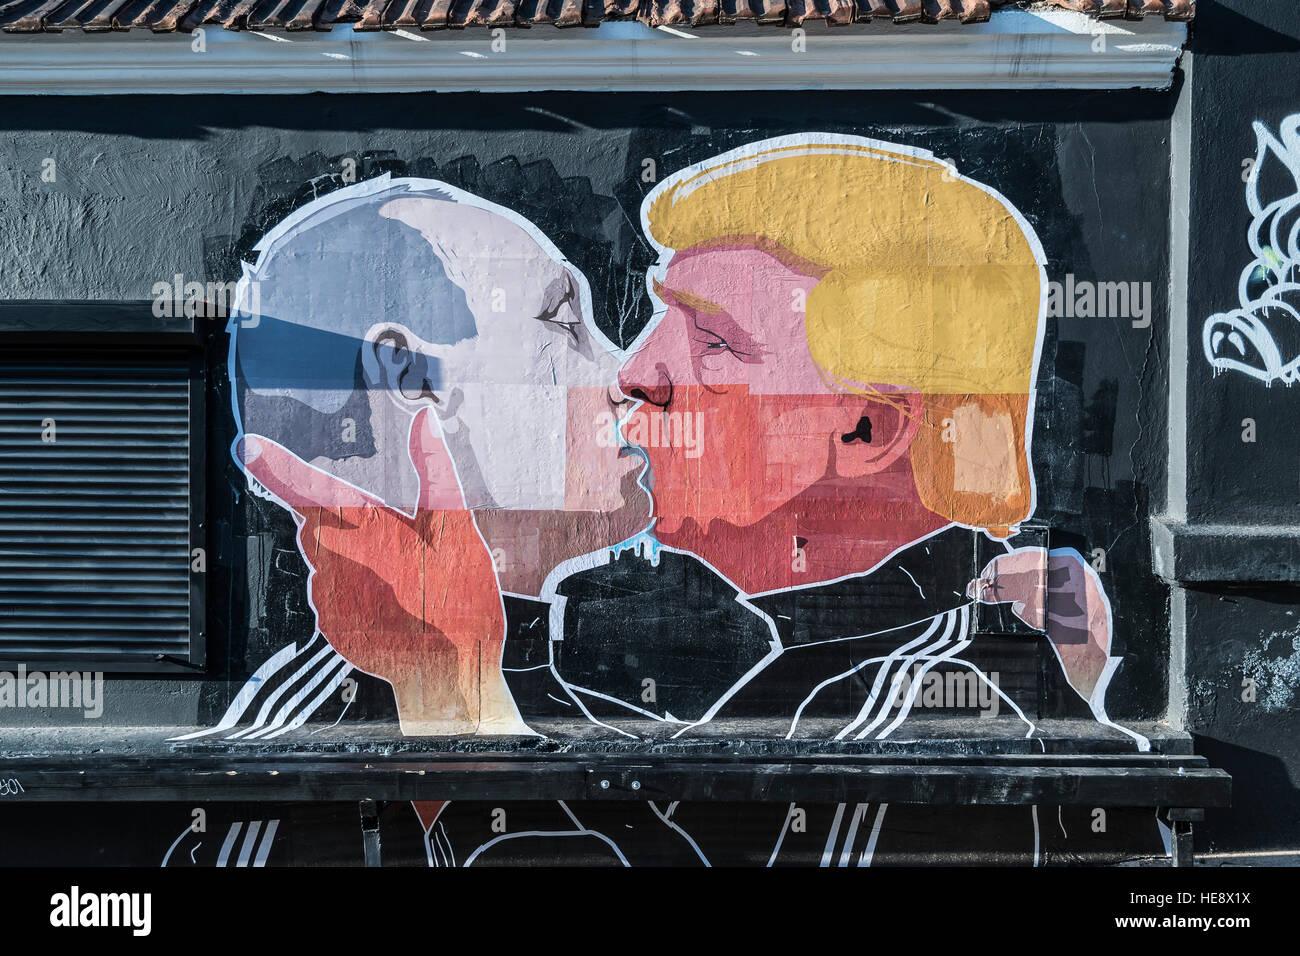 Donald Trump and Vladimir Putin - Stock Image